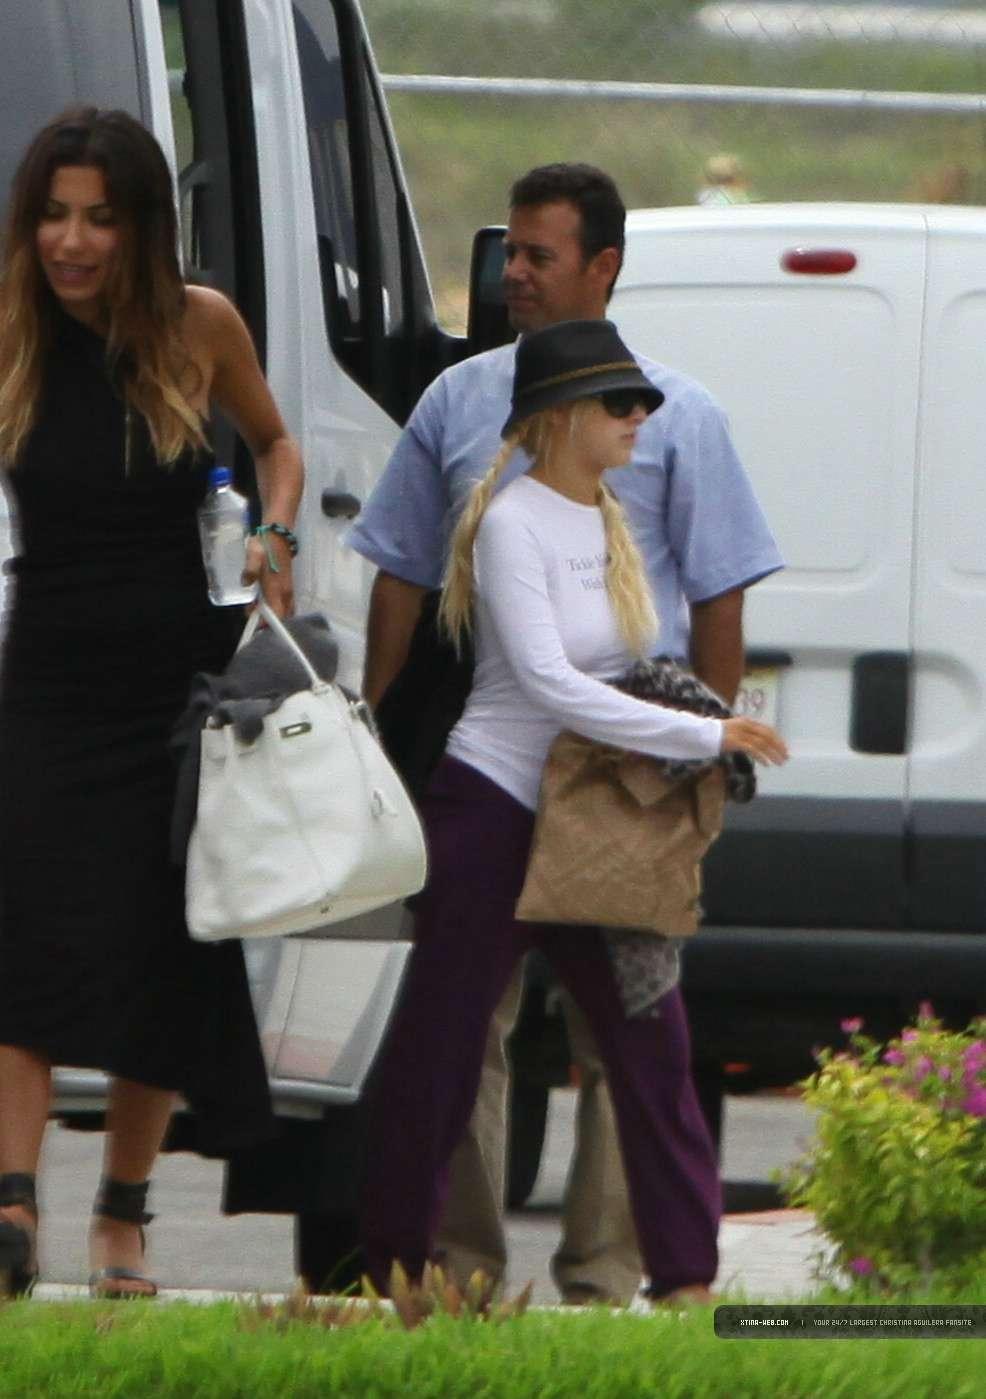 [FOTOS] Nicole Richie con Christina Aguilera en un restaurante en México (19-20-Sep) 03